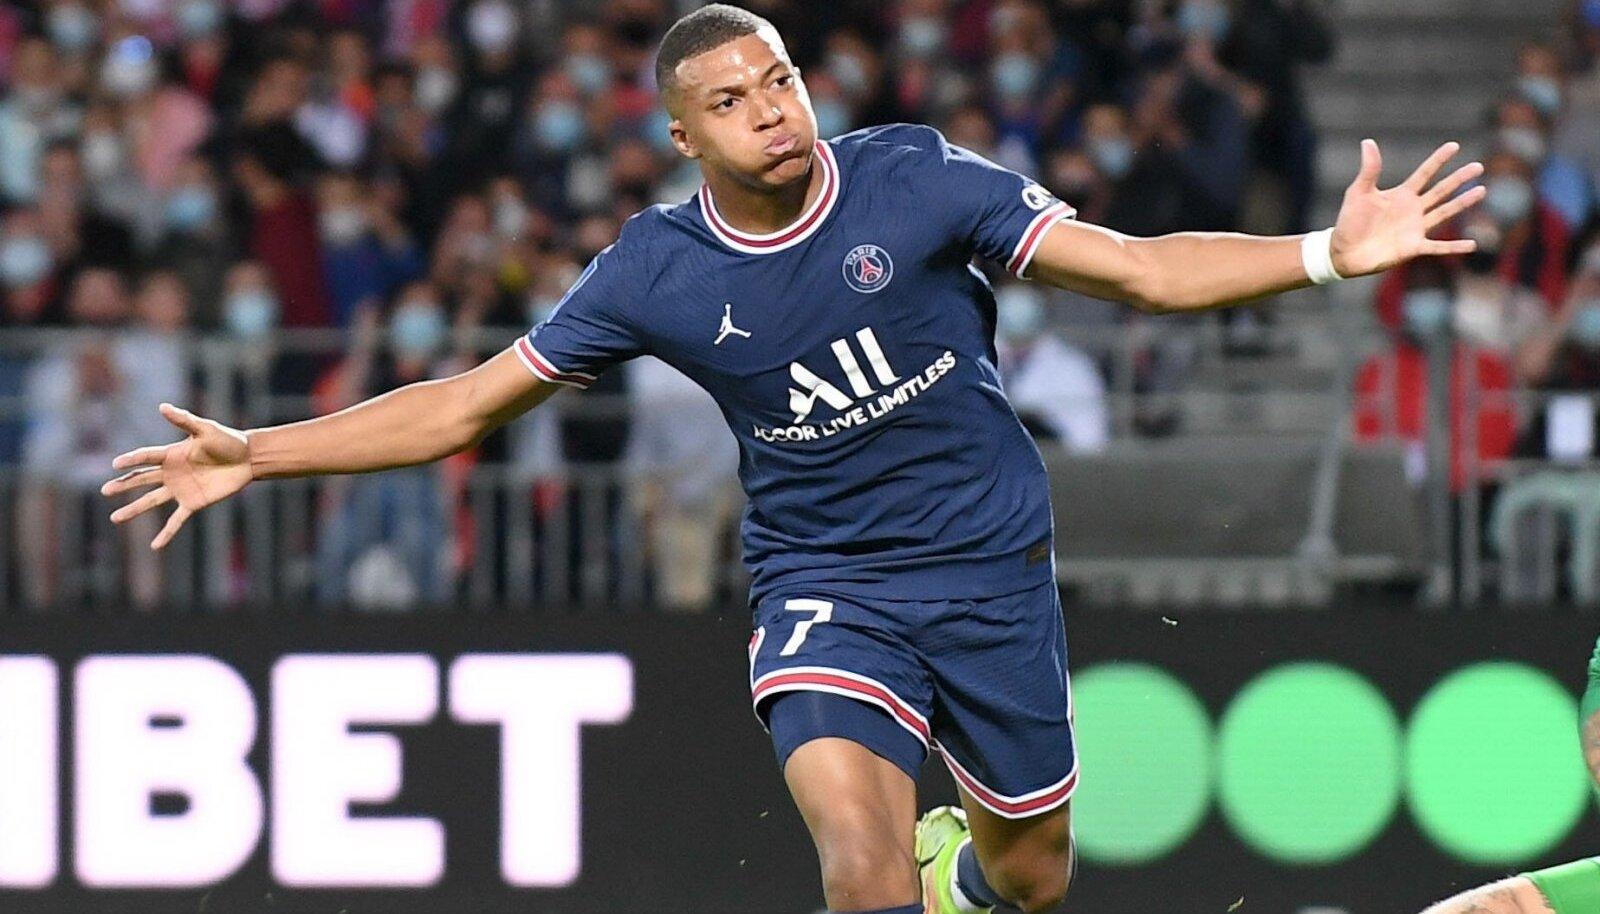 Kas Kylian Mbappe mängud PSG särgis saavad varsti mängitud?